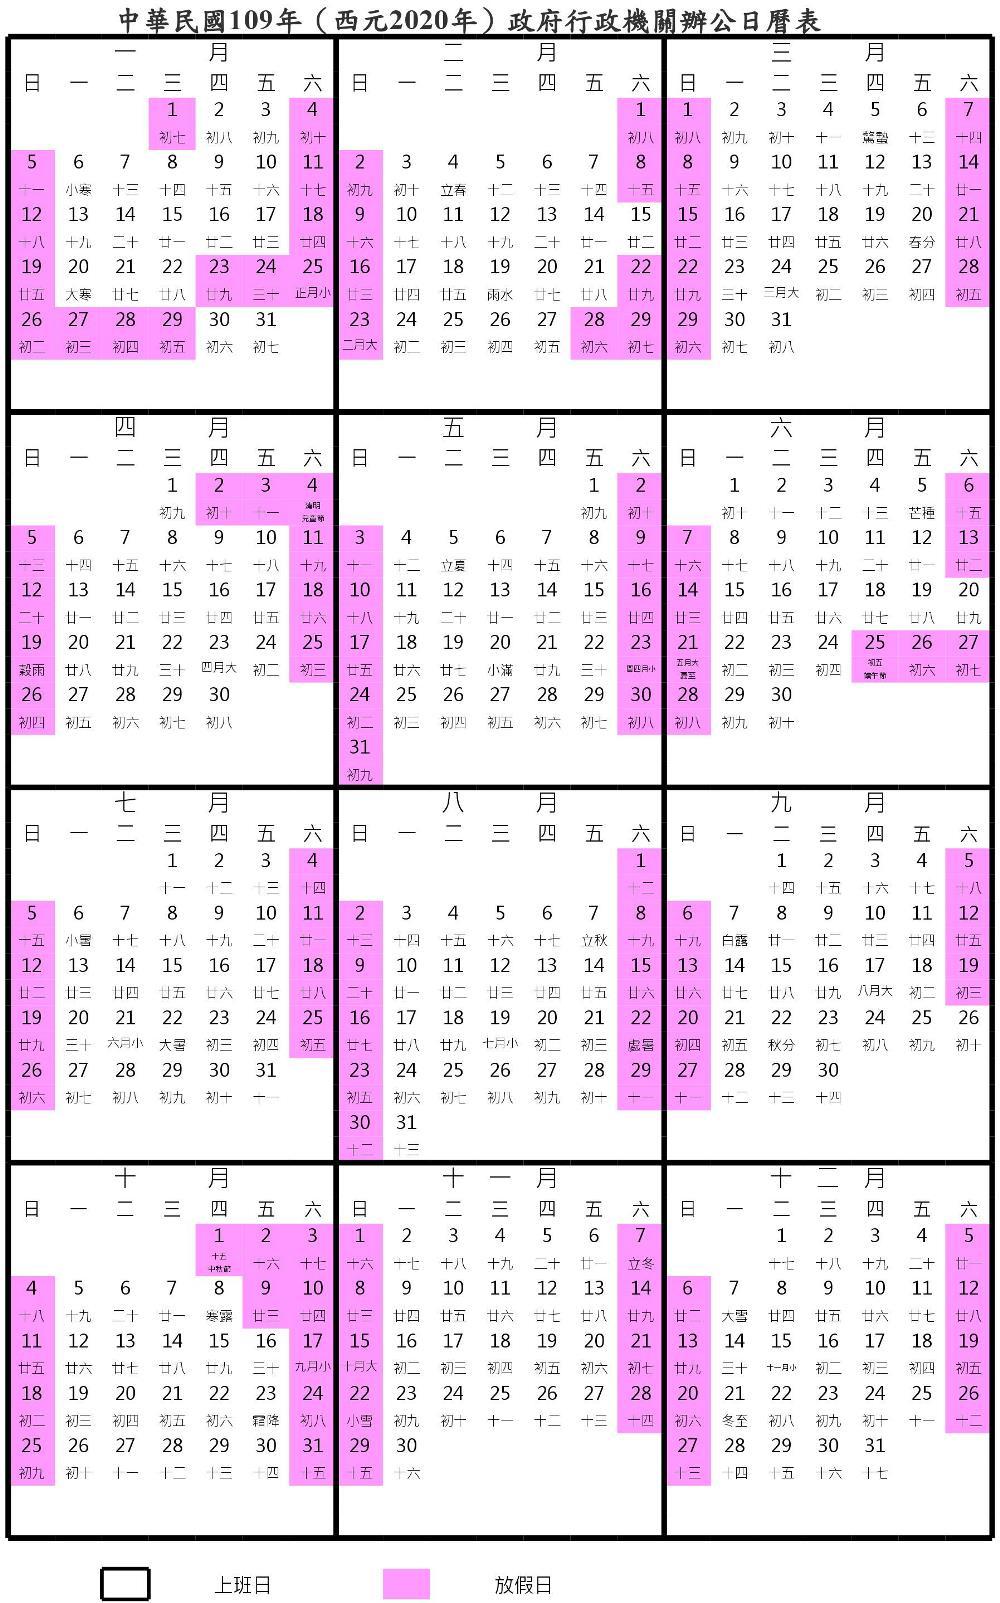 20190502085518 38 - 2020年請假攻略大公開~行政院2020年(民國109年)行事曆一覽表!光是連續假期就有6個~